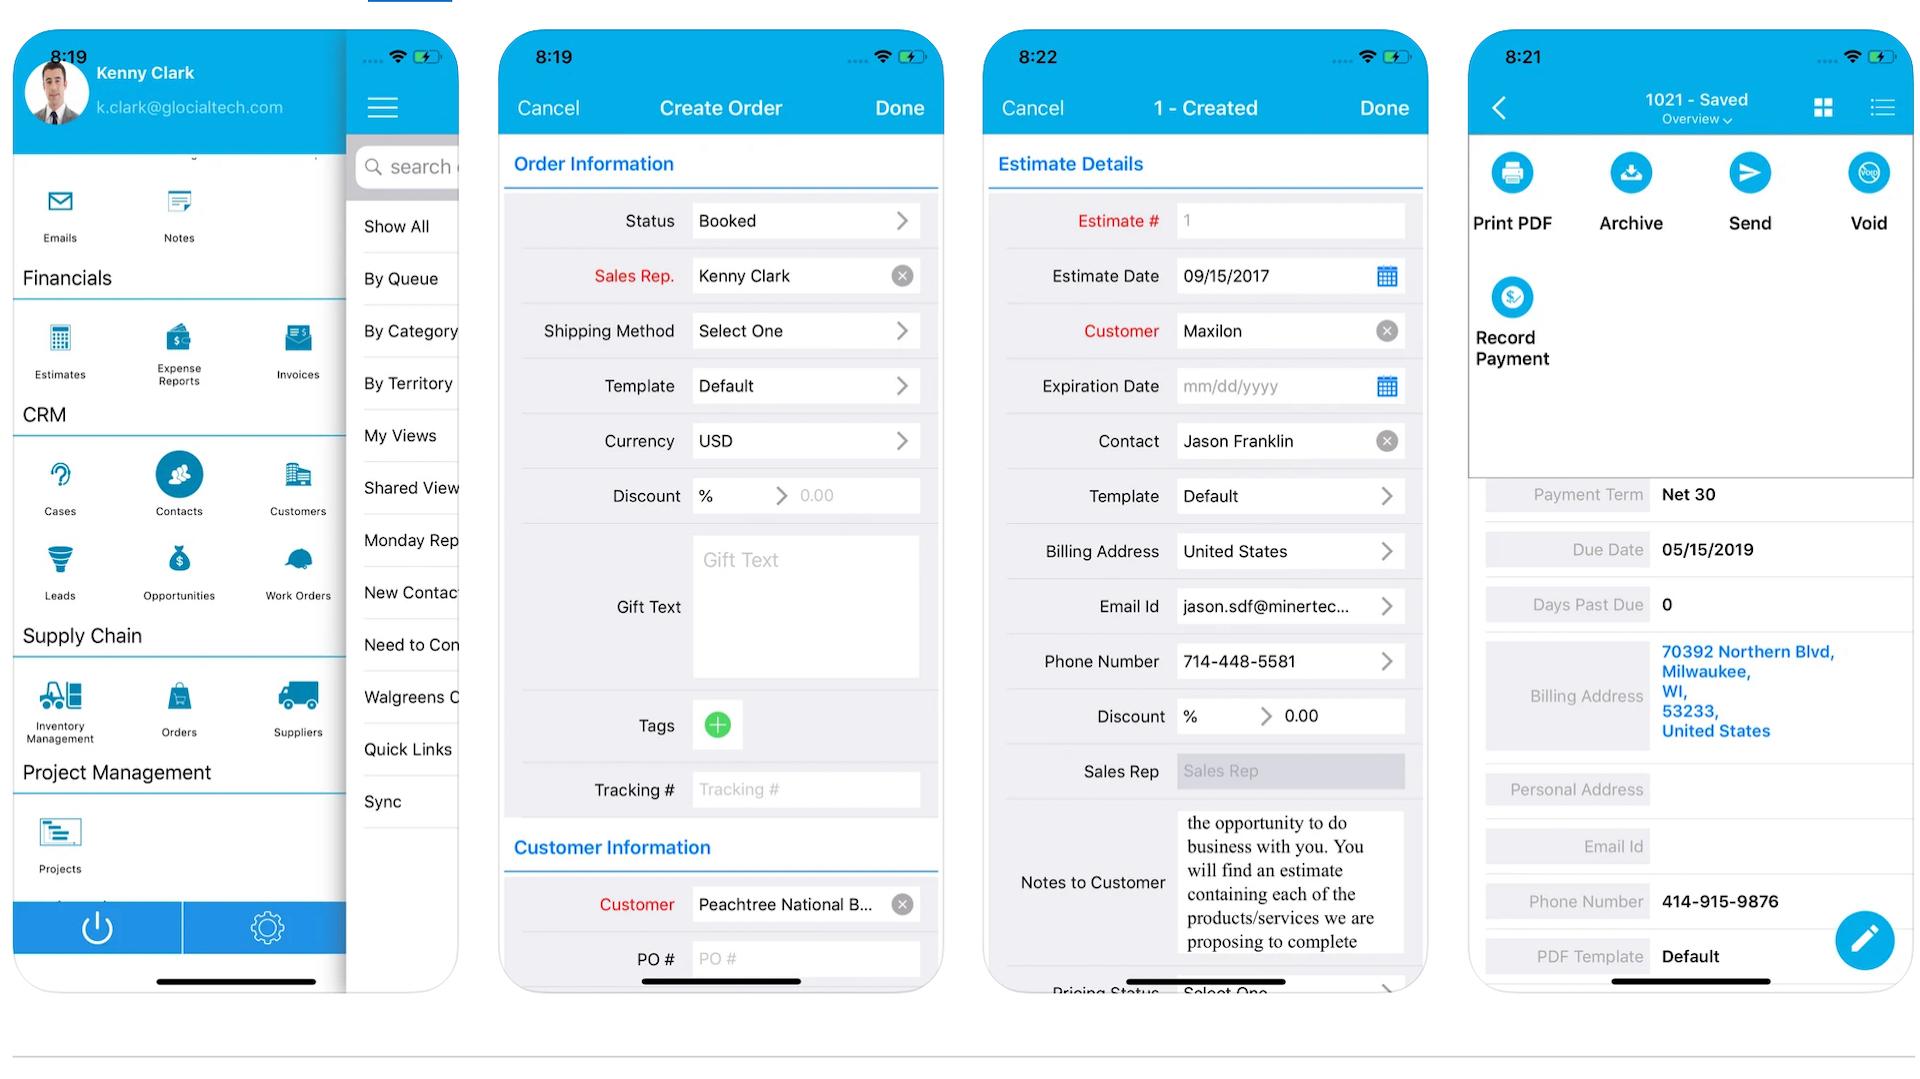 Apptivo's mobile app